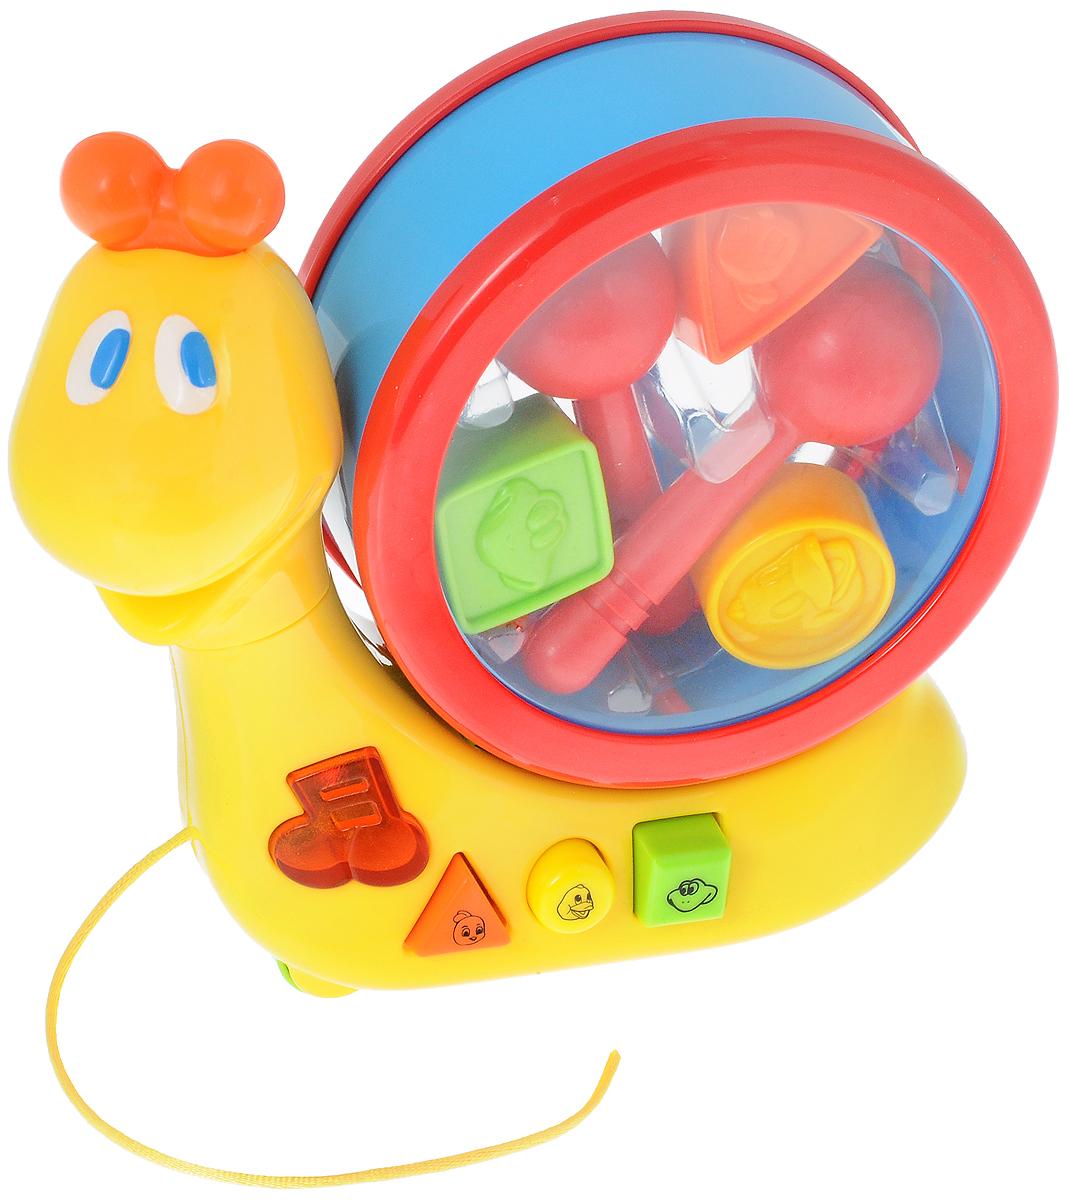 Navystar Музыкальный сортер Улитка68092-EМузыкальный сортер Navystar Улитка привлечет внимание вашего малыша и не оставит его равнодушным. Сортер выполнен в виде улитки со свободно вращающимися колесами, его можно использовать и как игрушку-каталку. На корпусе улитки находятся три кнопки с изображениями животных, нажав на которые, вы услышите звуки, которые издают эти животные. Также на улитке располагается кнопка, нажав на которую, вы услышите приятную мелодию, сопровождающуюся световыми эффектами. На раковине улитки круглой формы с одной стороны расположены три отверстия круглой, треугольной и квадратной формы, в которые малыш должен опустить соответствующие формочки, другую сторону раковины ребенок может использовать как барабан. В комплект входят три формочки с рельефными изображениями птички, лягушки и уточки, две барабанные палочки. Музыкальный сортер Navystar Улитка поможет малышу развить цветовое и звуковое восприятия, мелкую моторику. Для работы игрушки необходимы 2 батарейки типа АА напряжением...